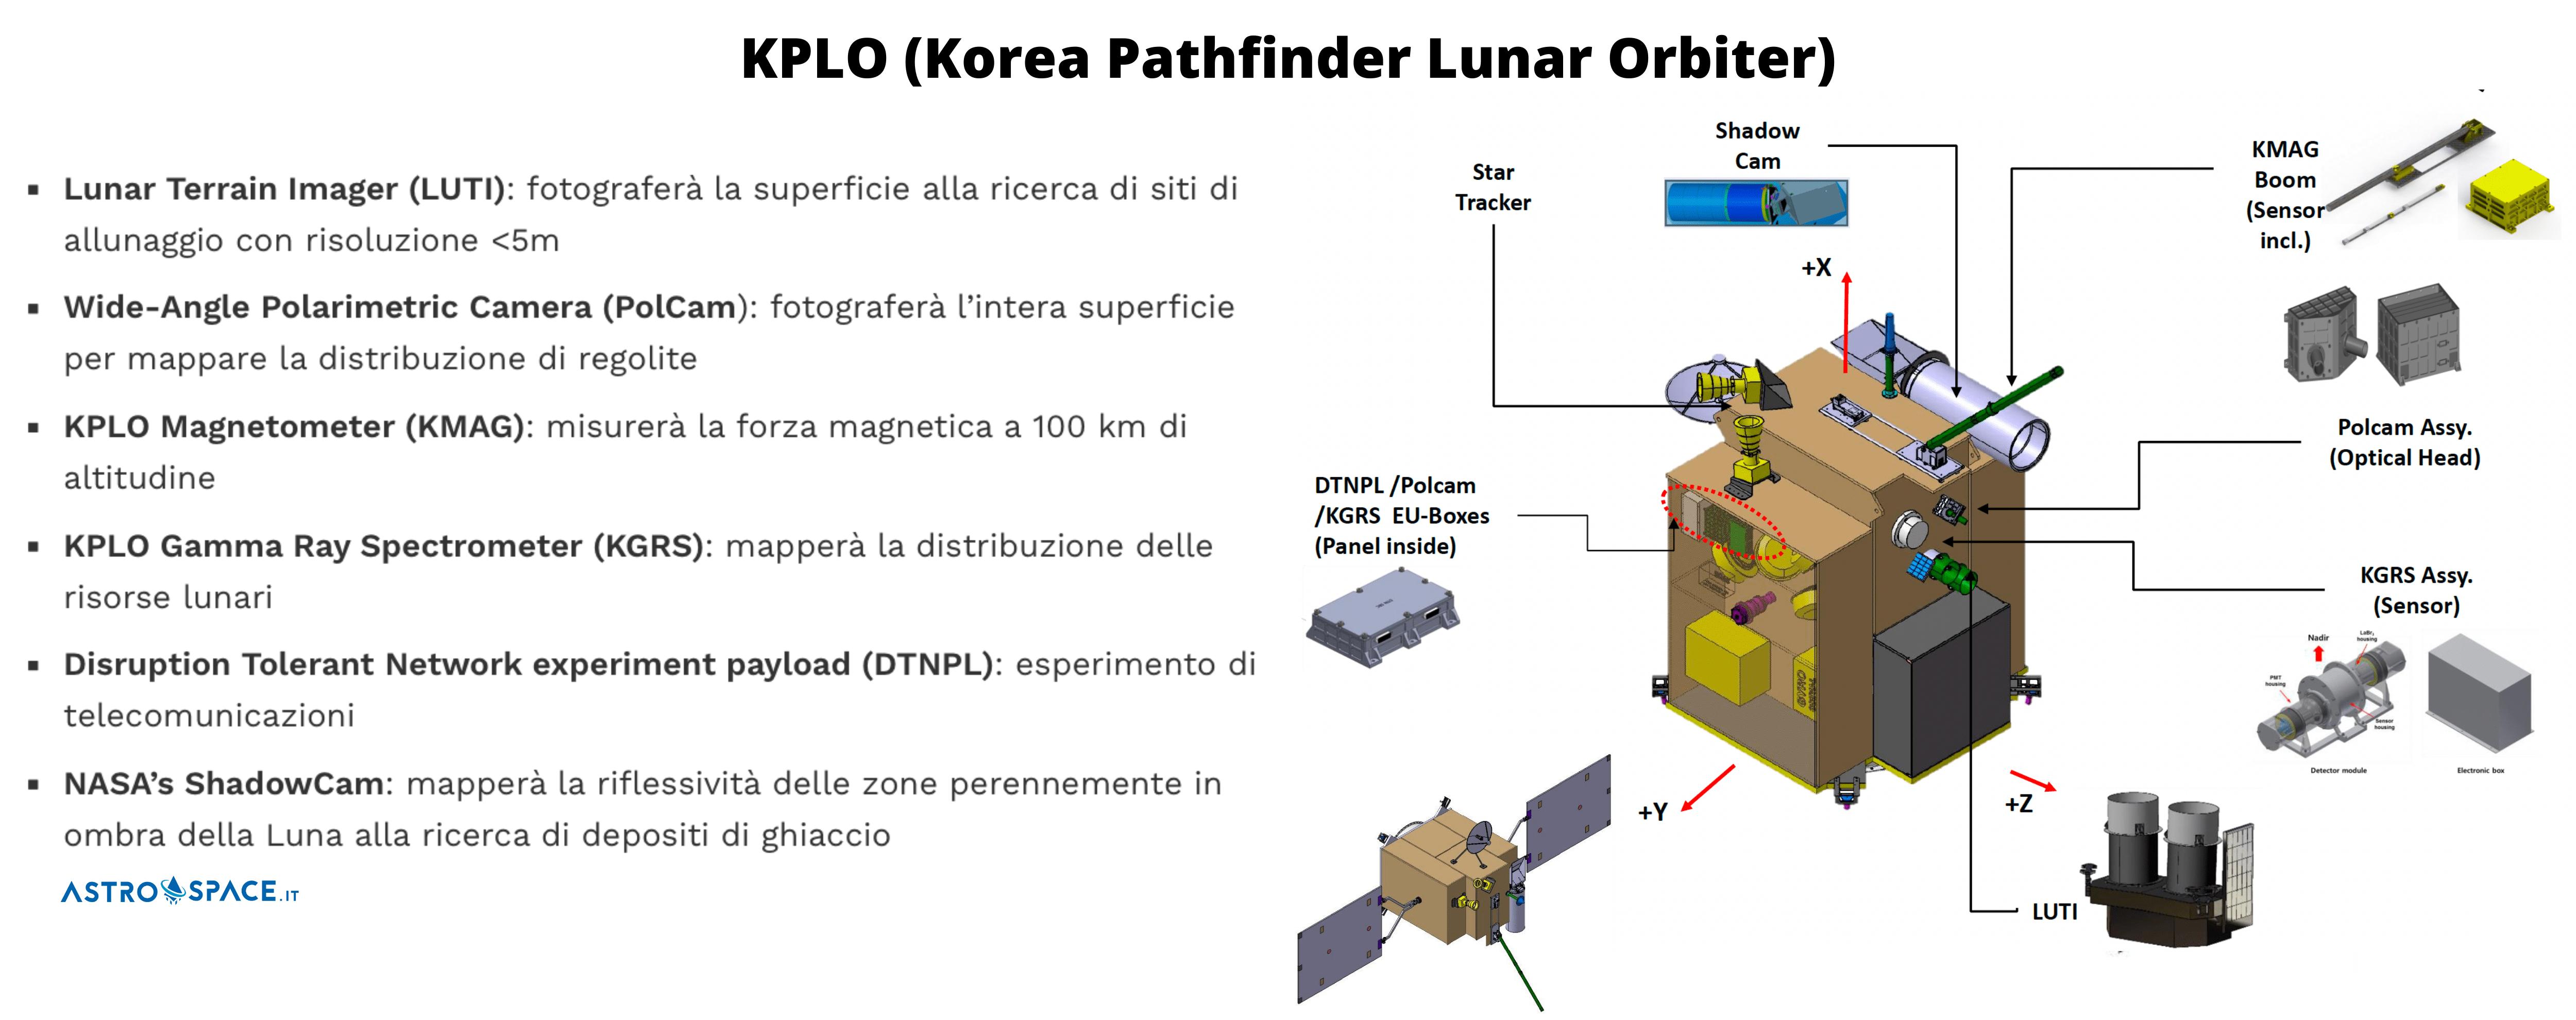 Dettaglio degli strumenti a bordo del satellite Coreano KPLO. Credits: KARI/Astrospace.it